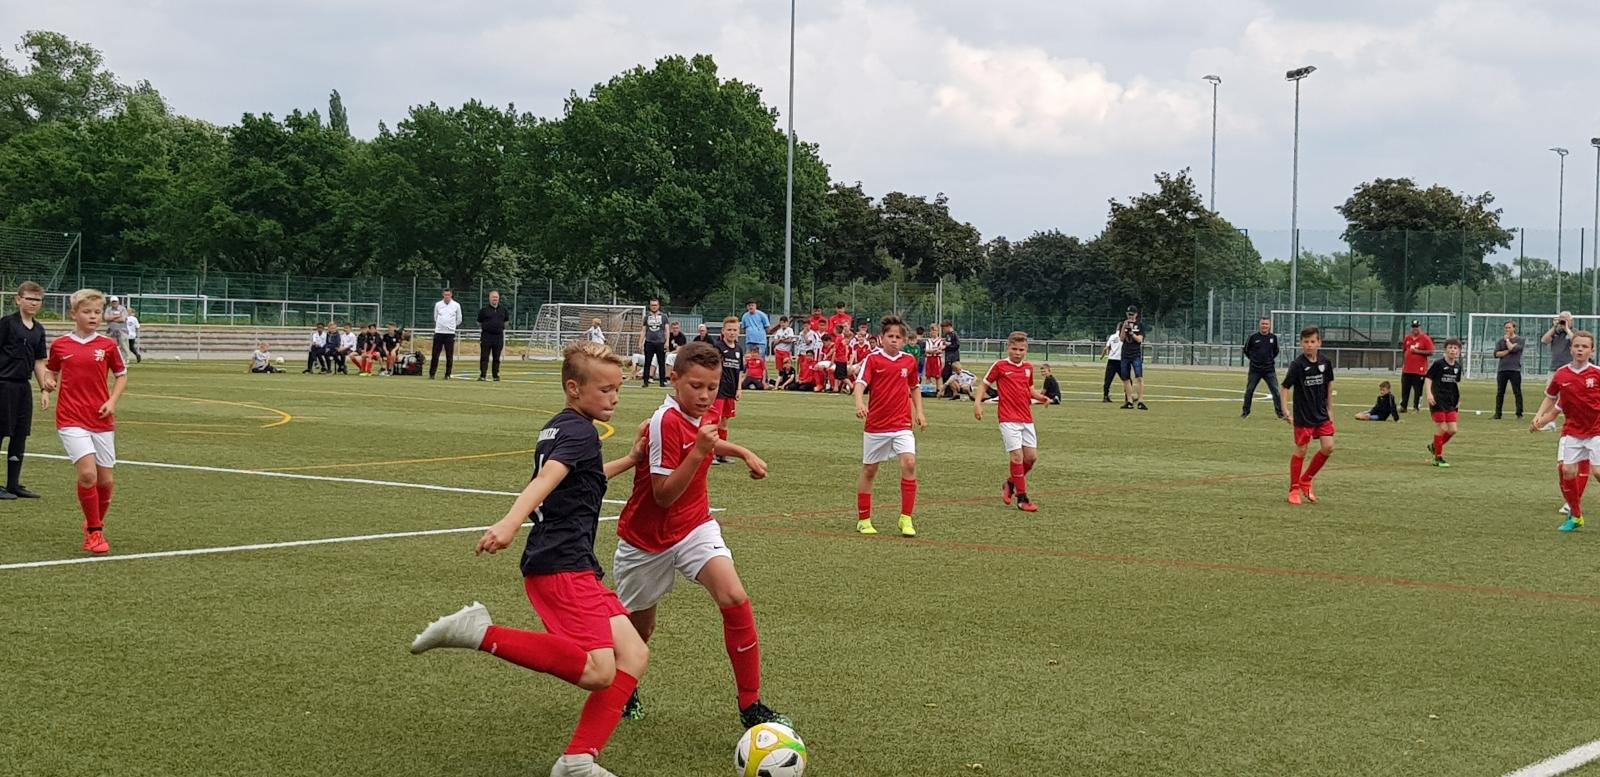 U11 Regionalmeisterschaft